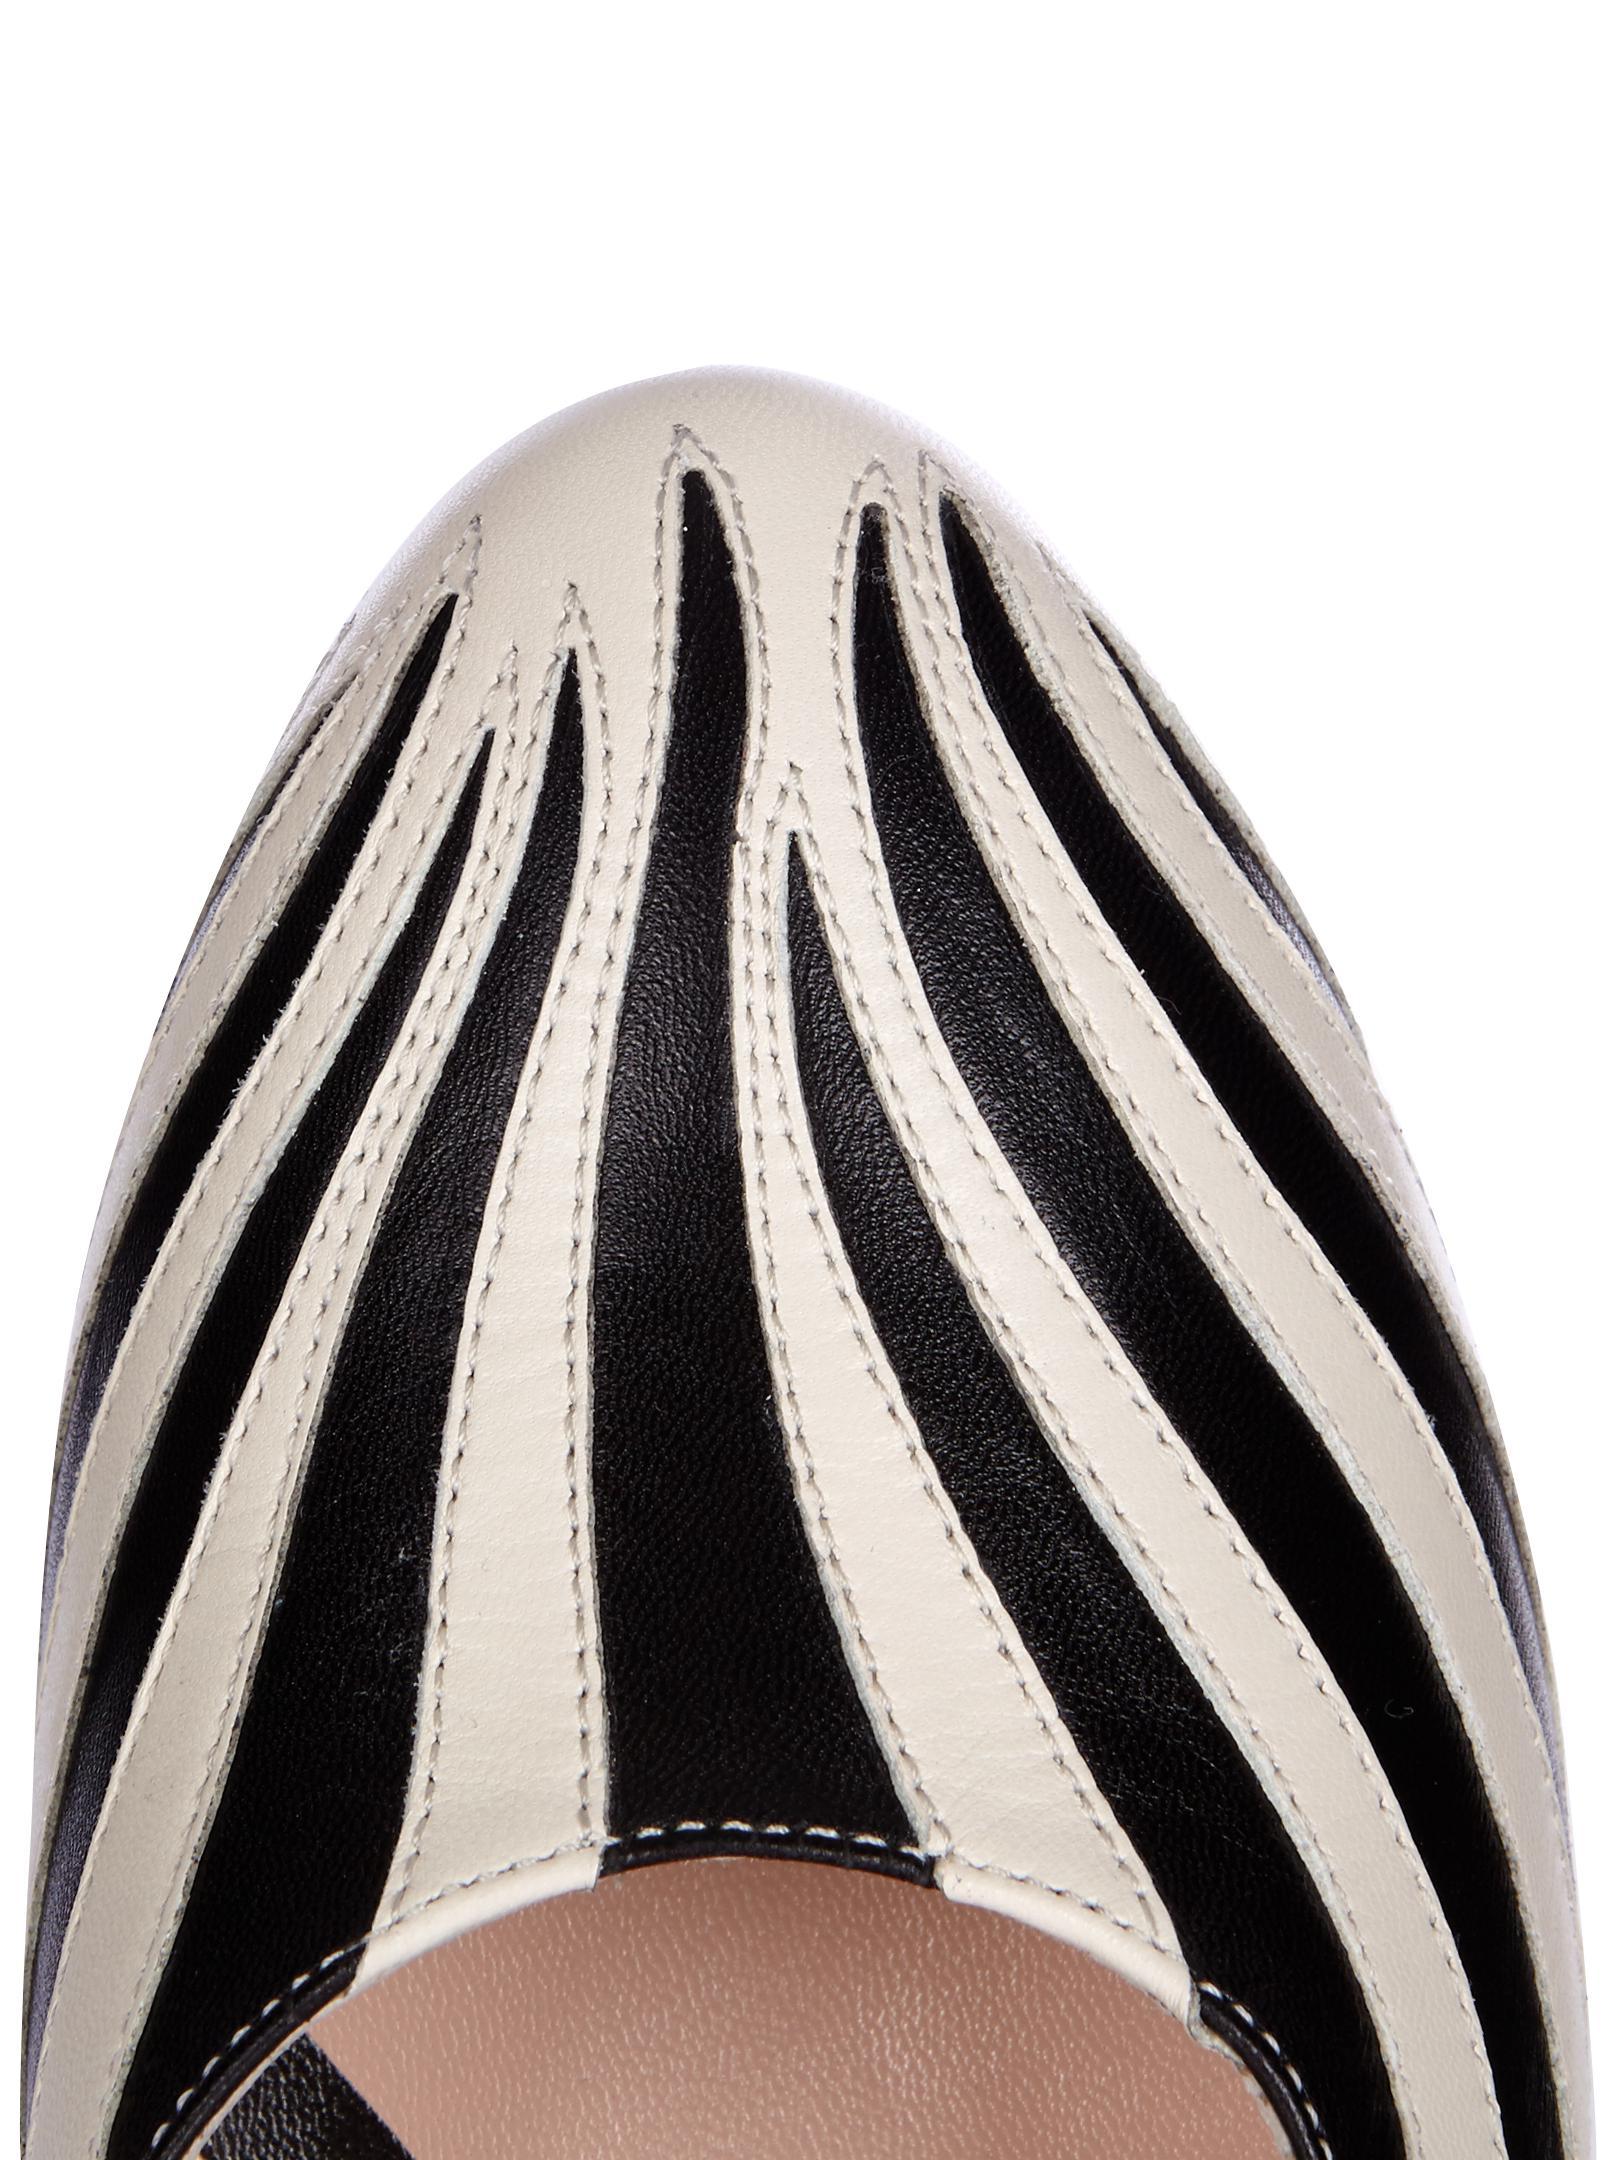 e9d6307e0 Gucci Lesley Zebra-Appliqué Leather Pumps in Black - Lyst